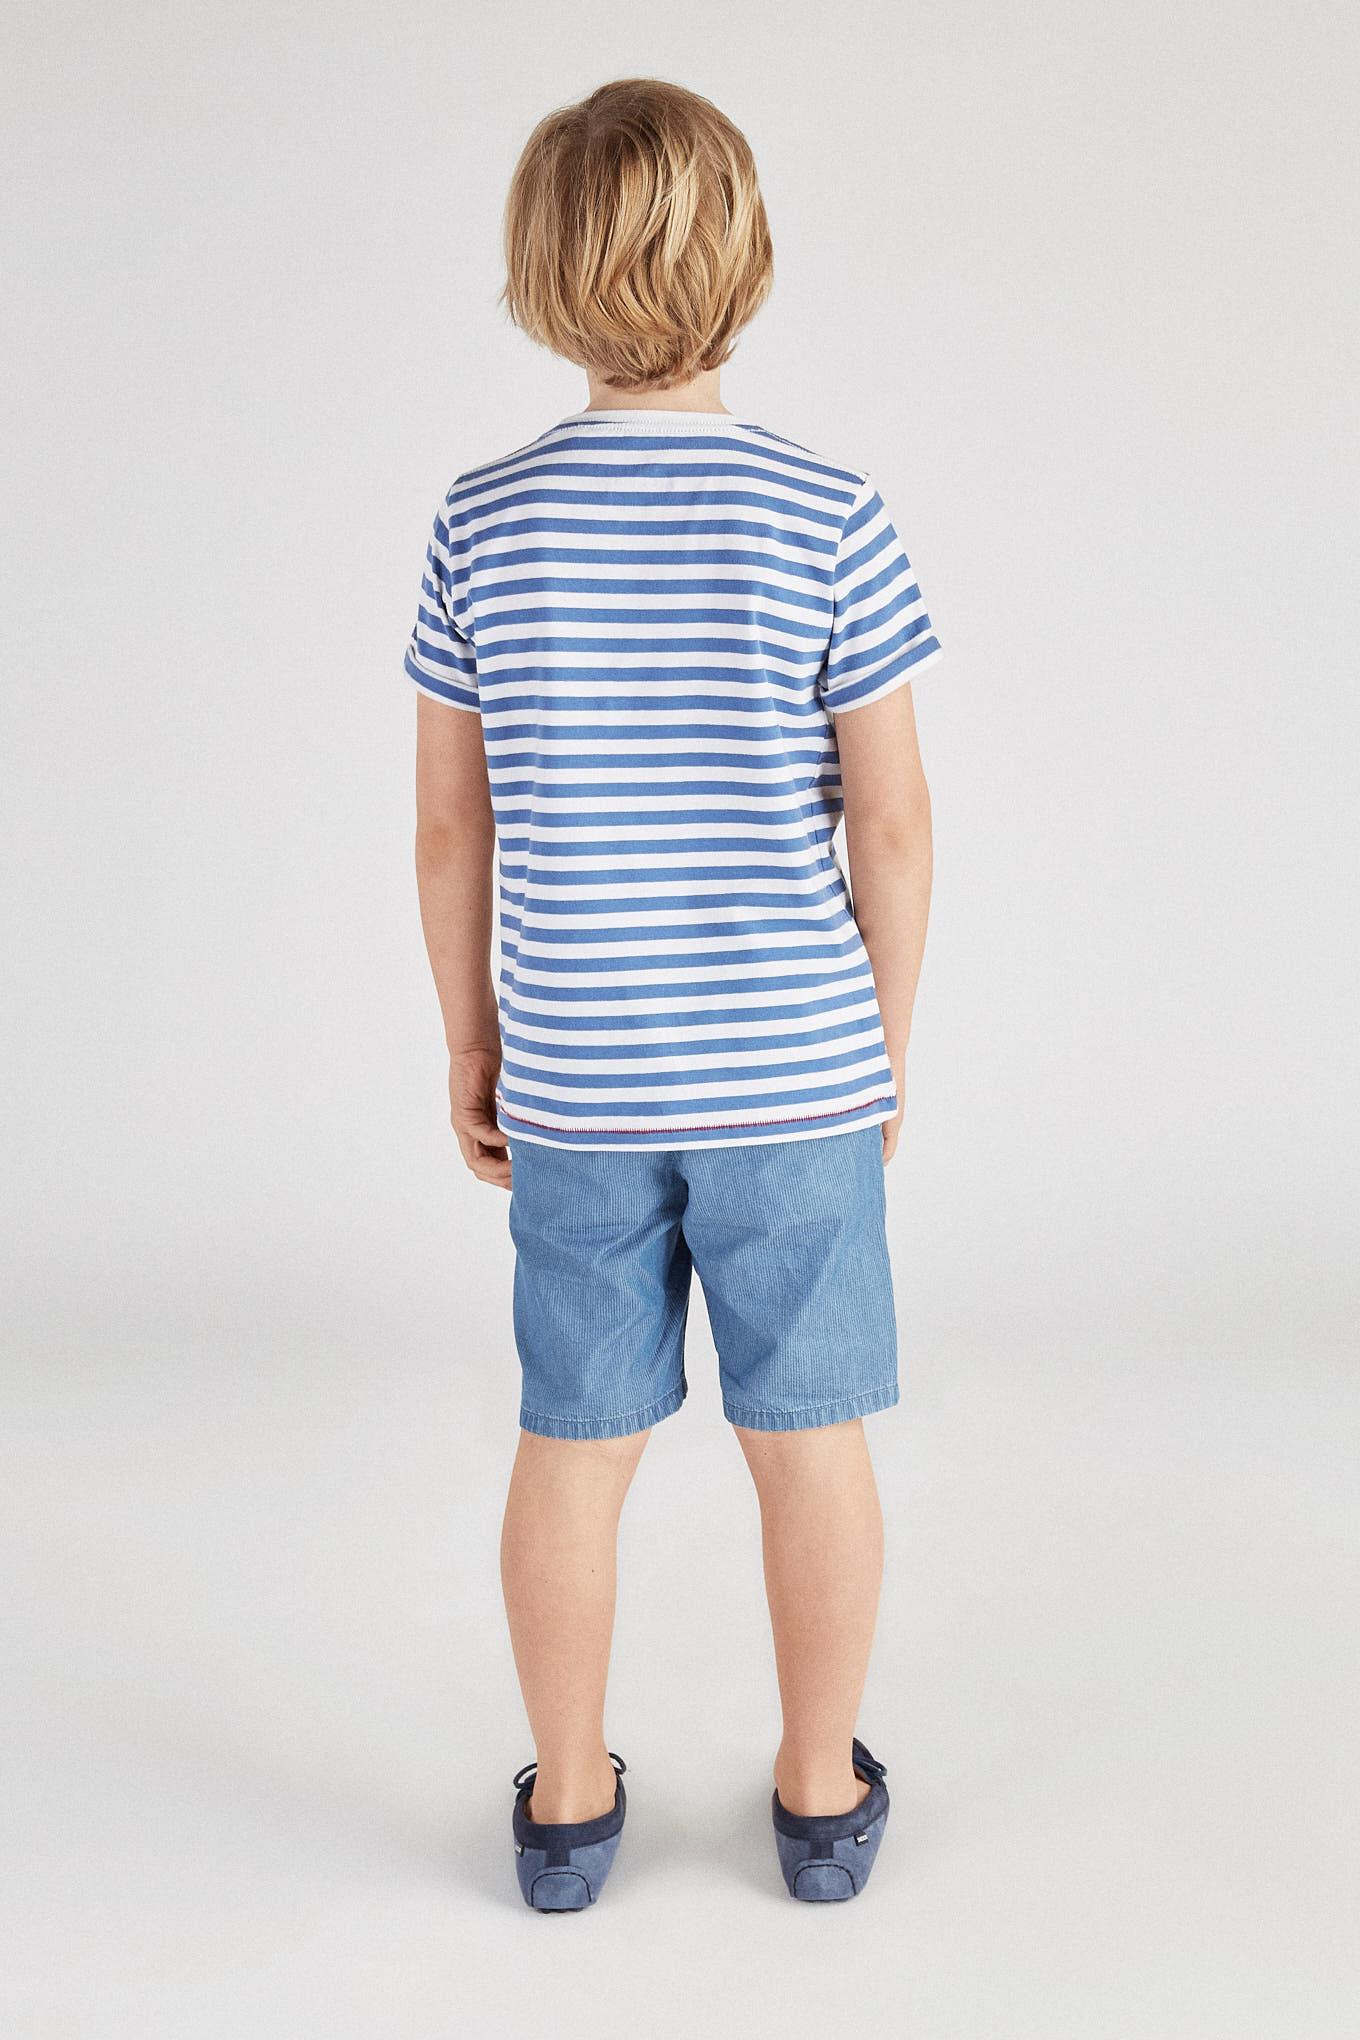 T-Shirt Medium Blue Sport Boy